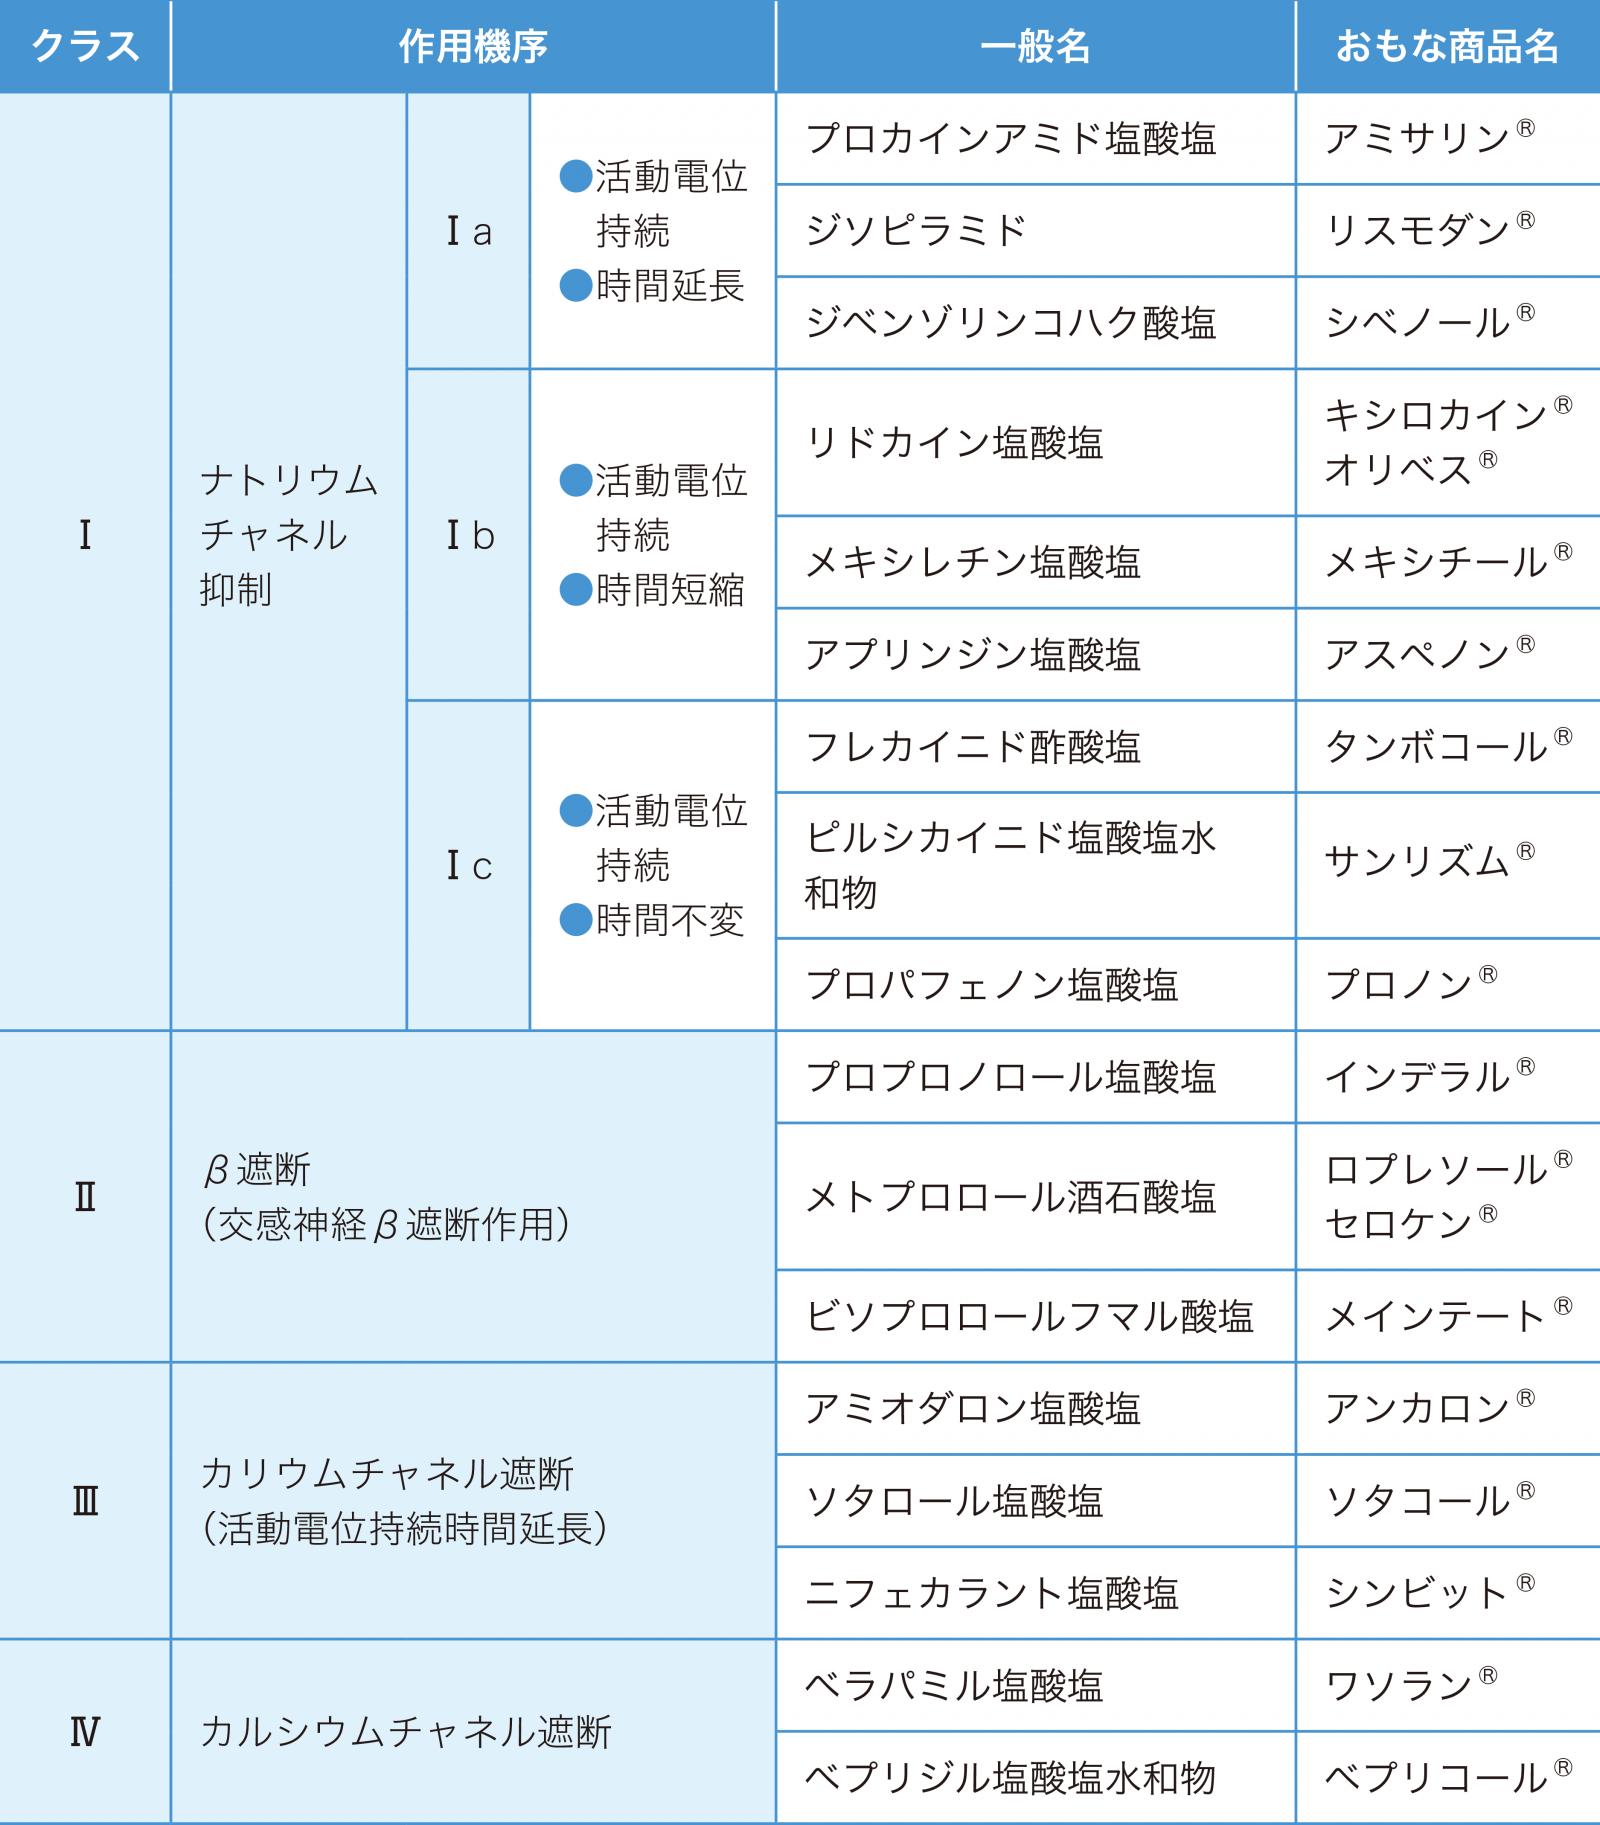 抗不整脈薬の分類(ボーンウィリアムズ分類)